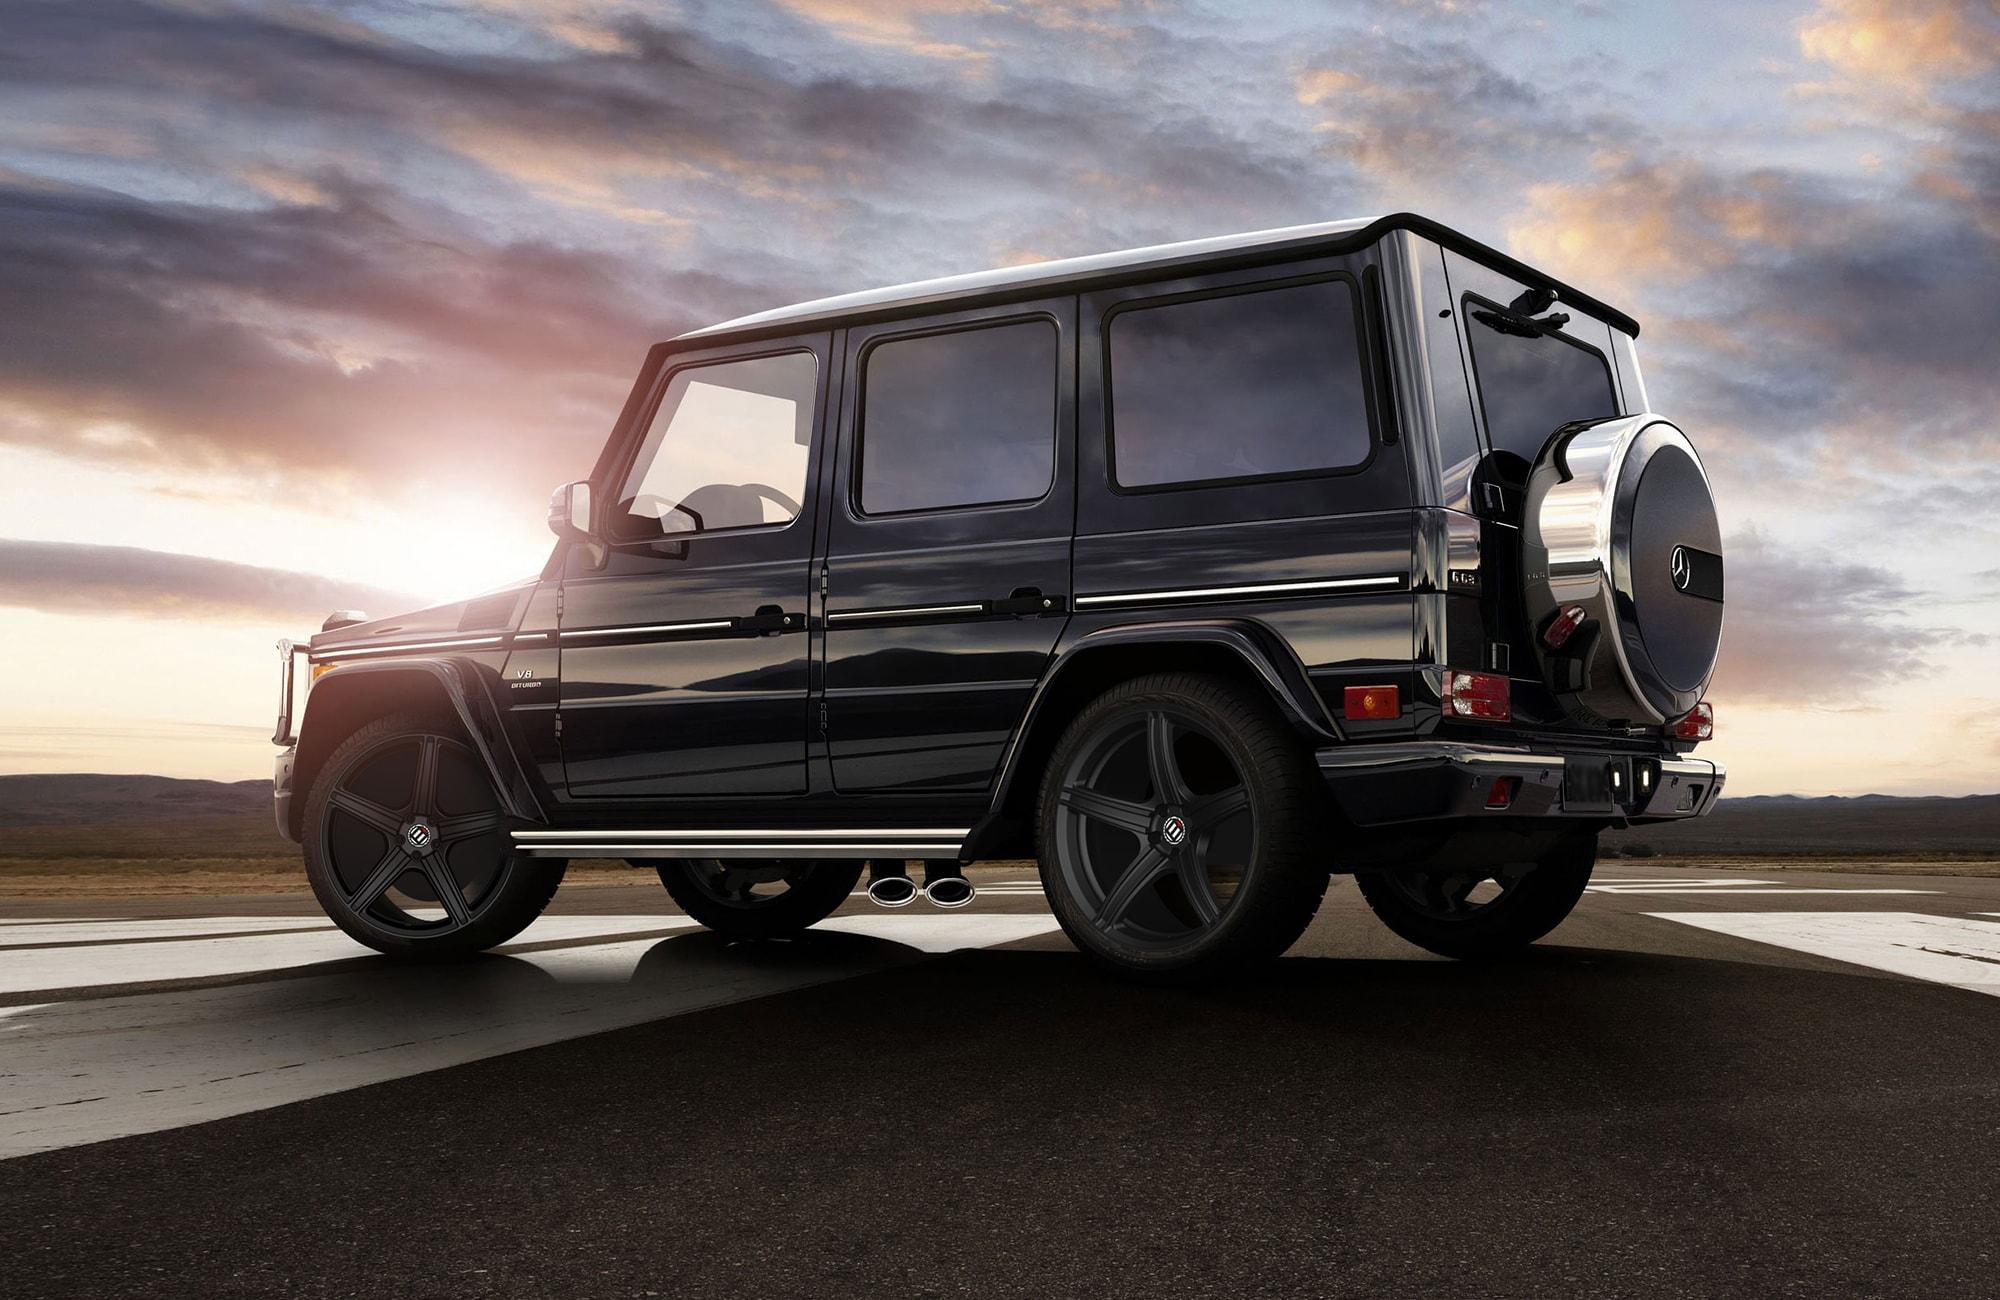 Mercedes-Benz G500 GUARD Бронированный B6/B7